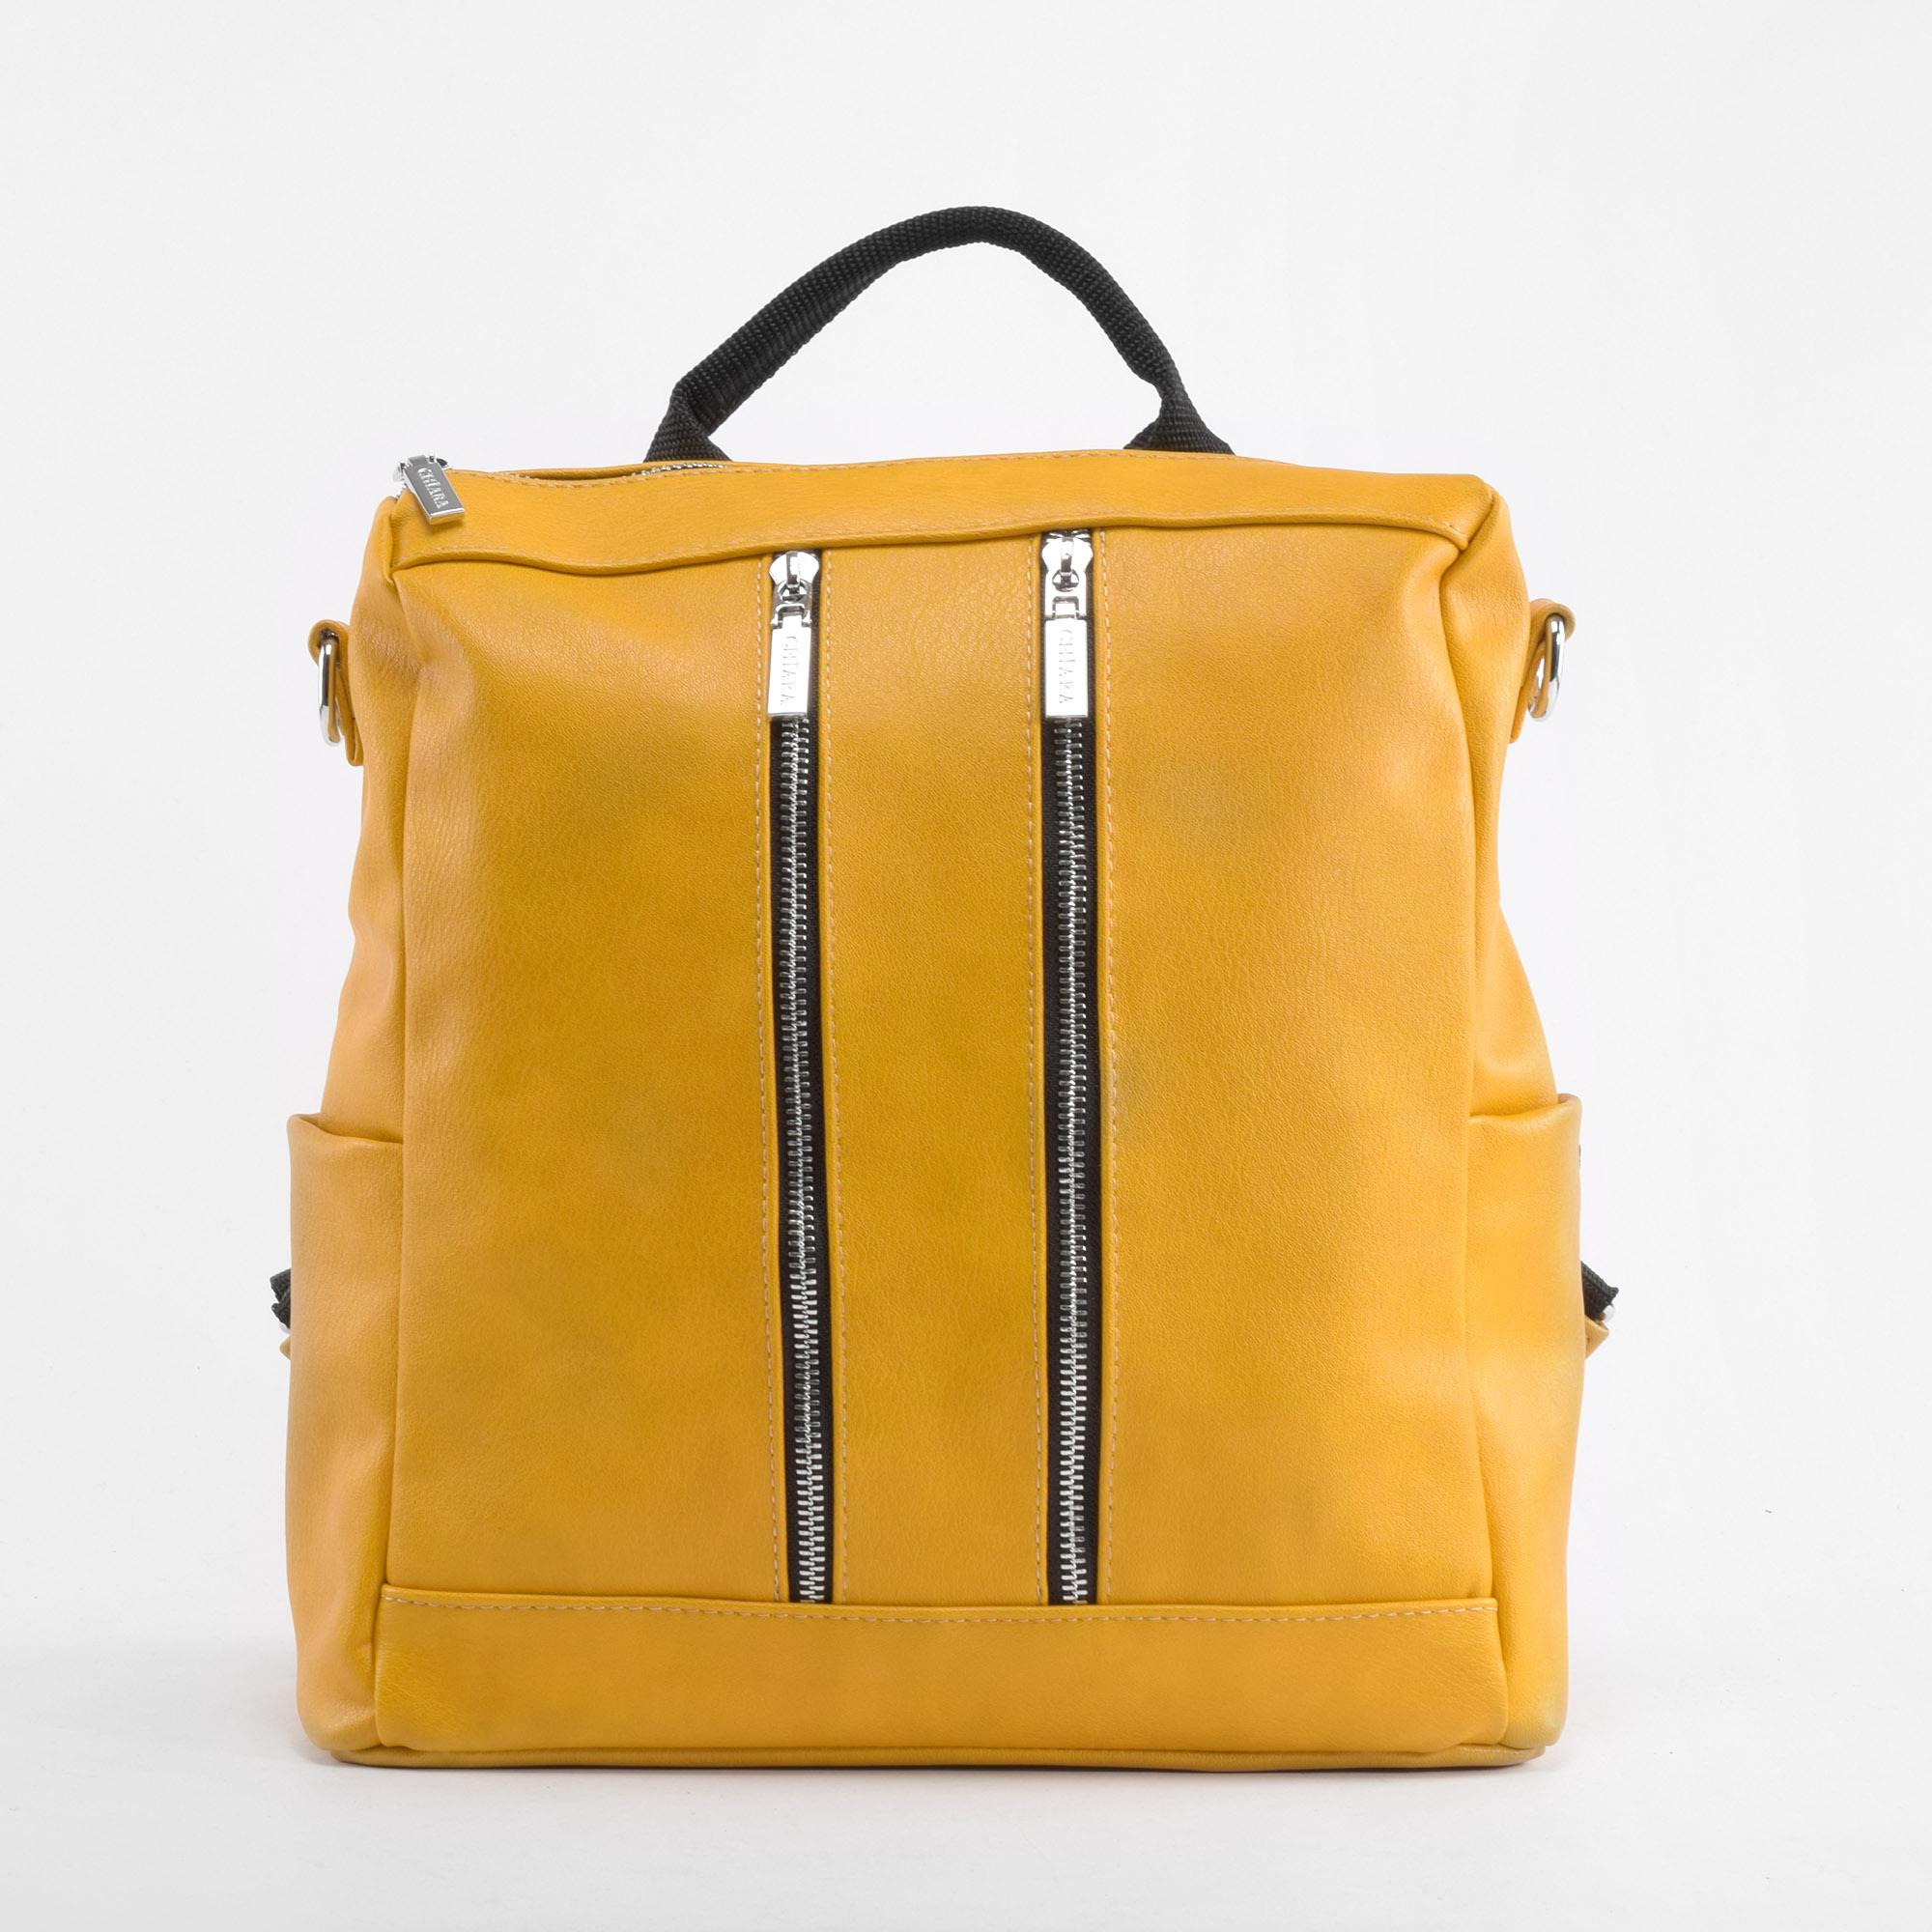 b77fd91ba7 Karen Chiara Női Mustársárga Rostbőr Hátizsák - Női divat hátizsákok - Táska  webáruház - Minőségi táskák mindenkinek